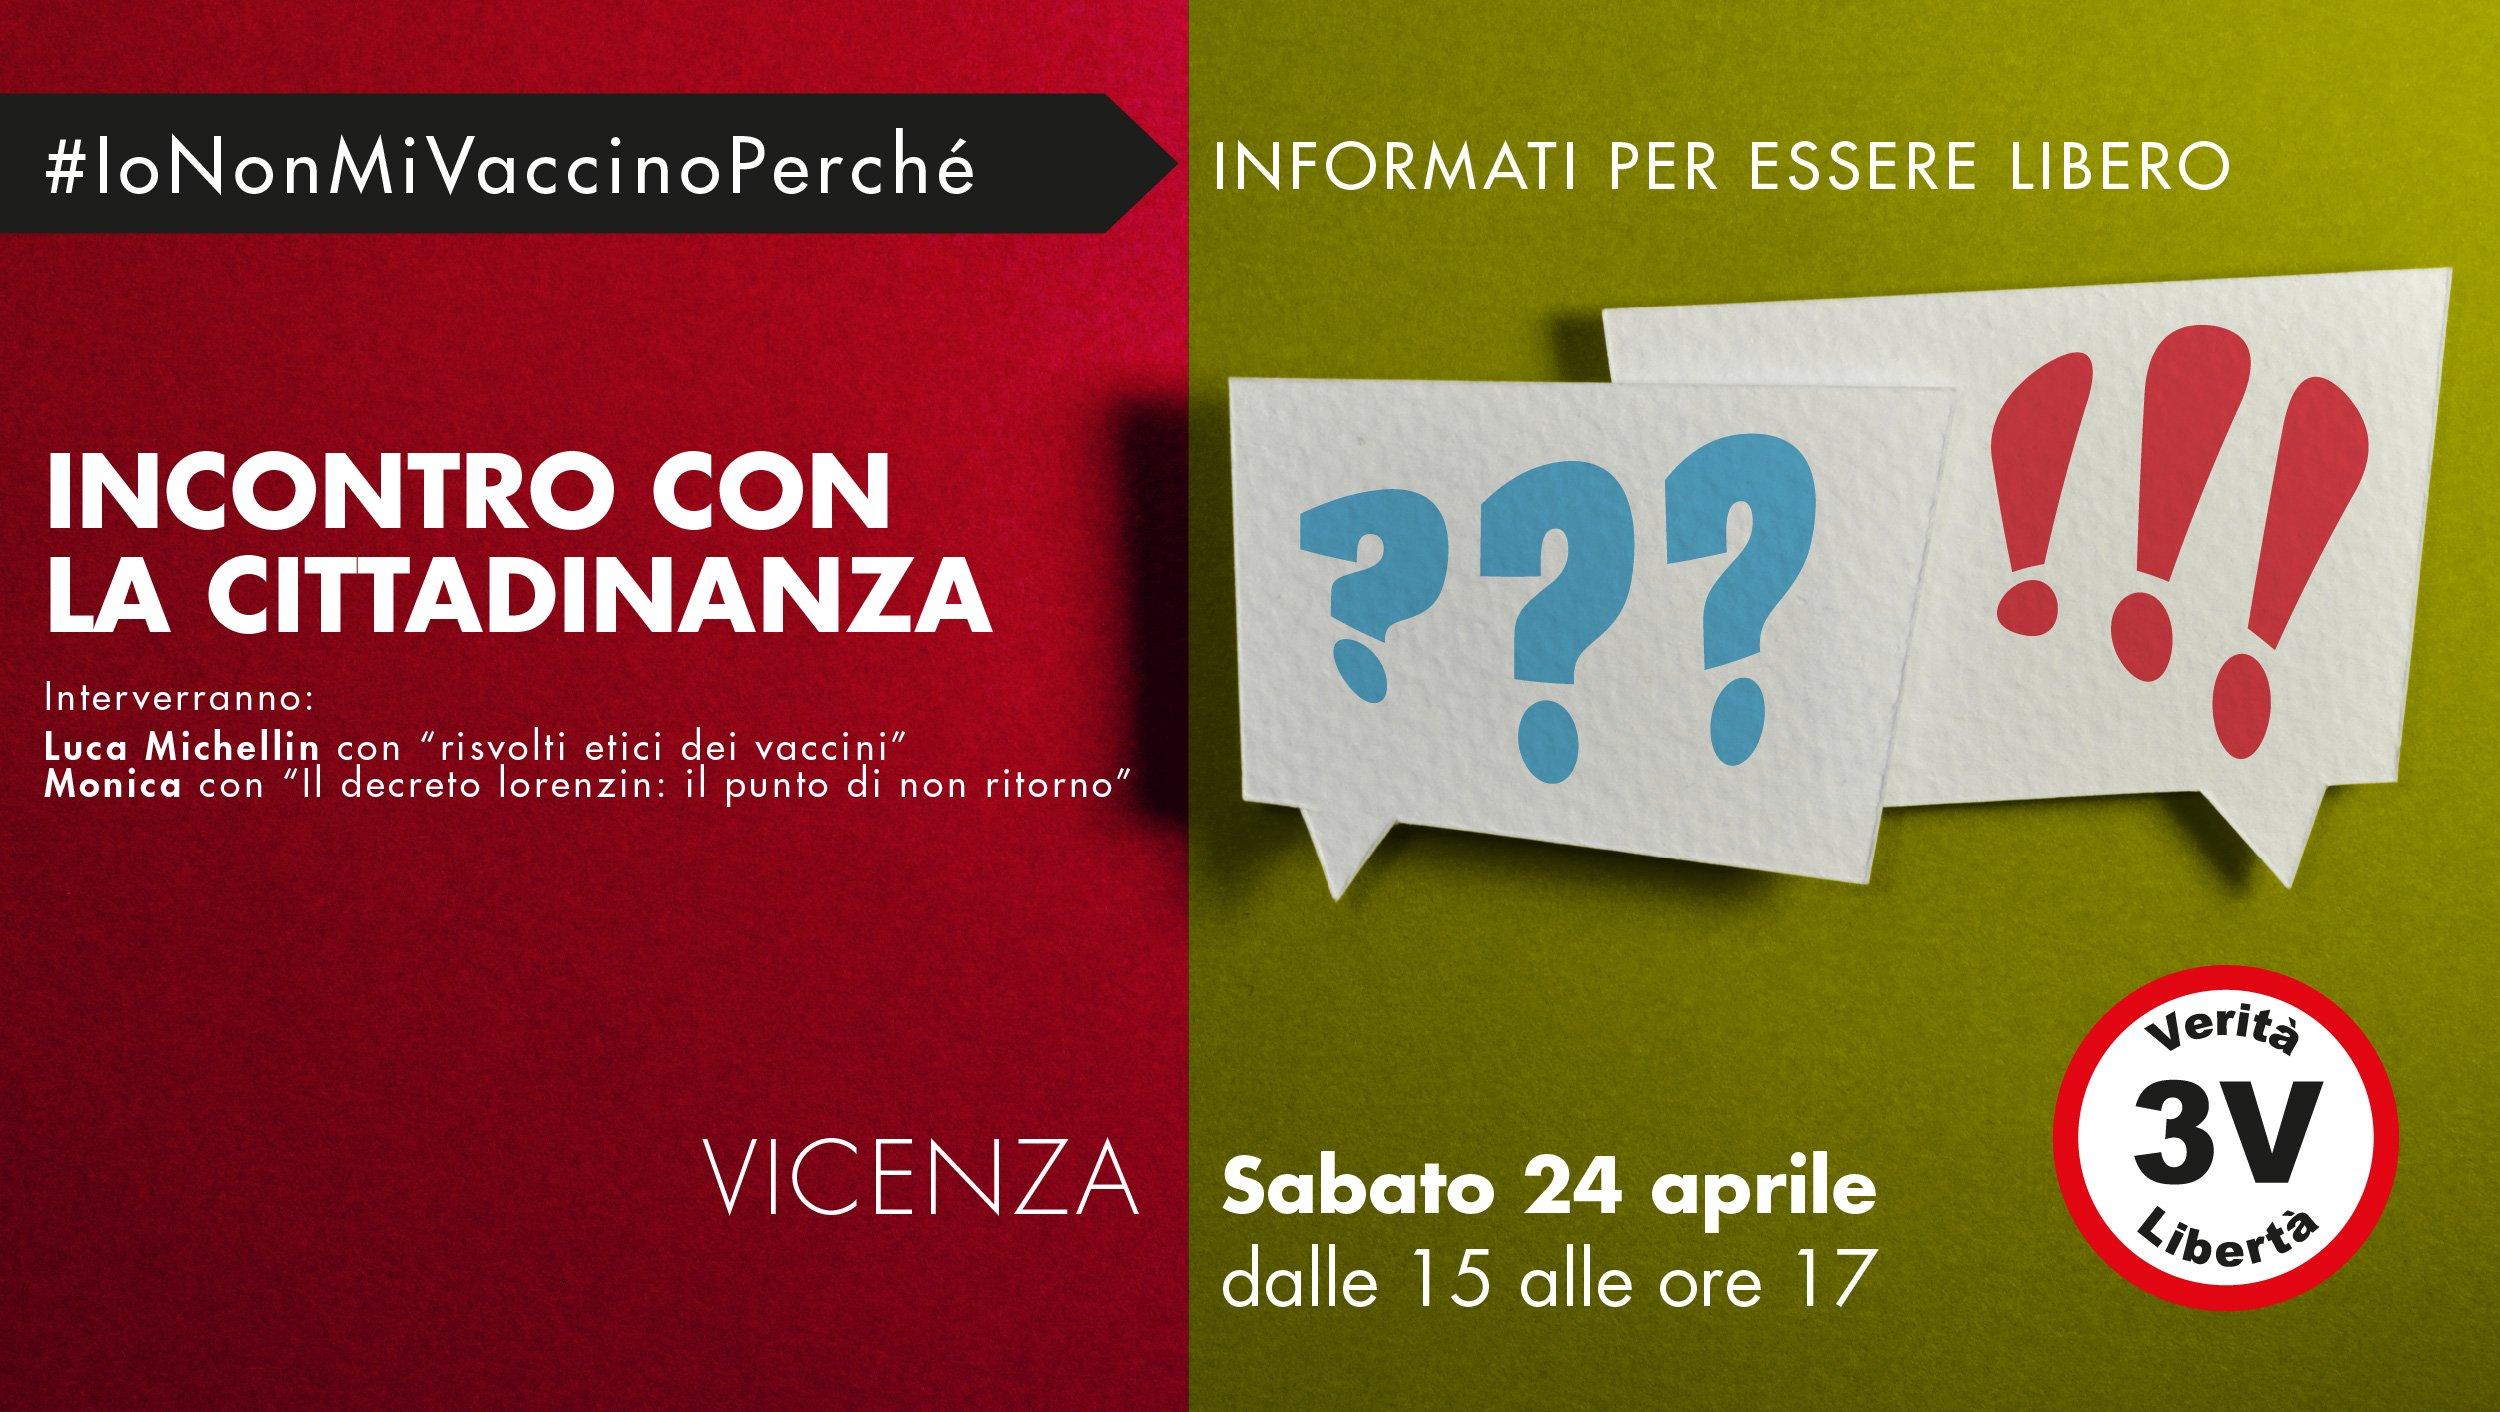 Vicenza 3V incontra la cittadinanza